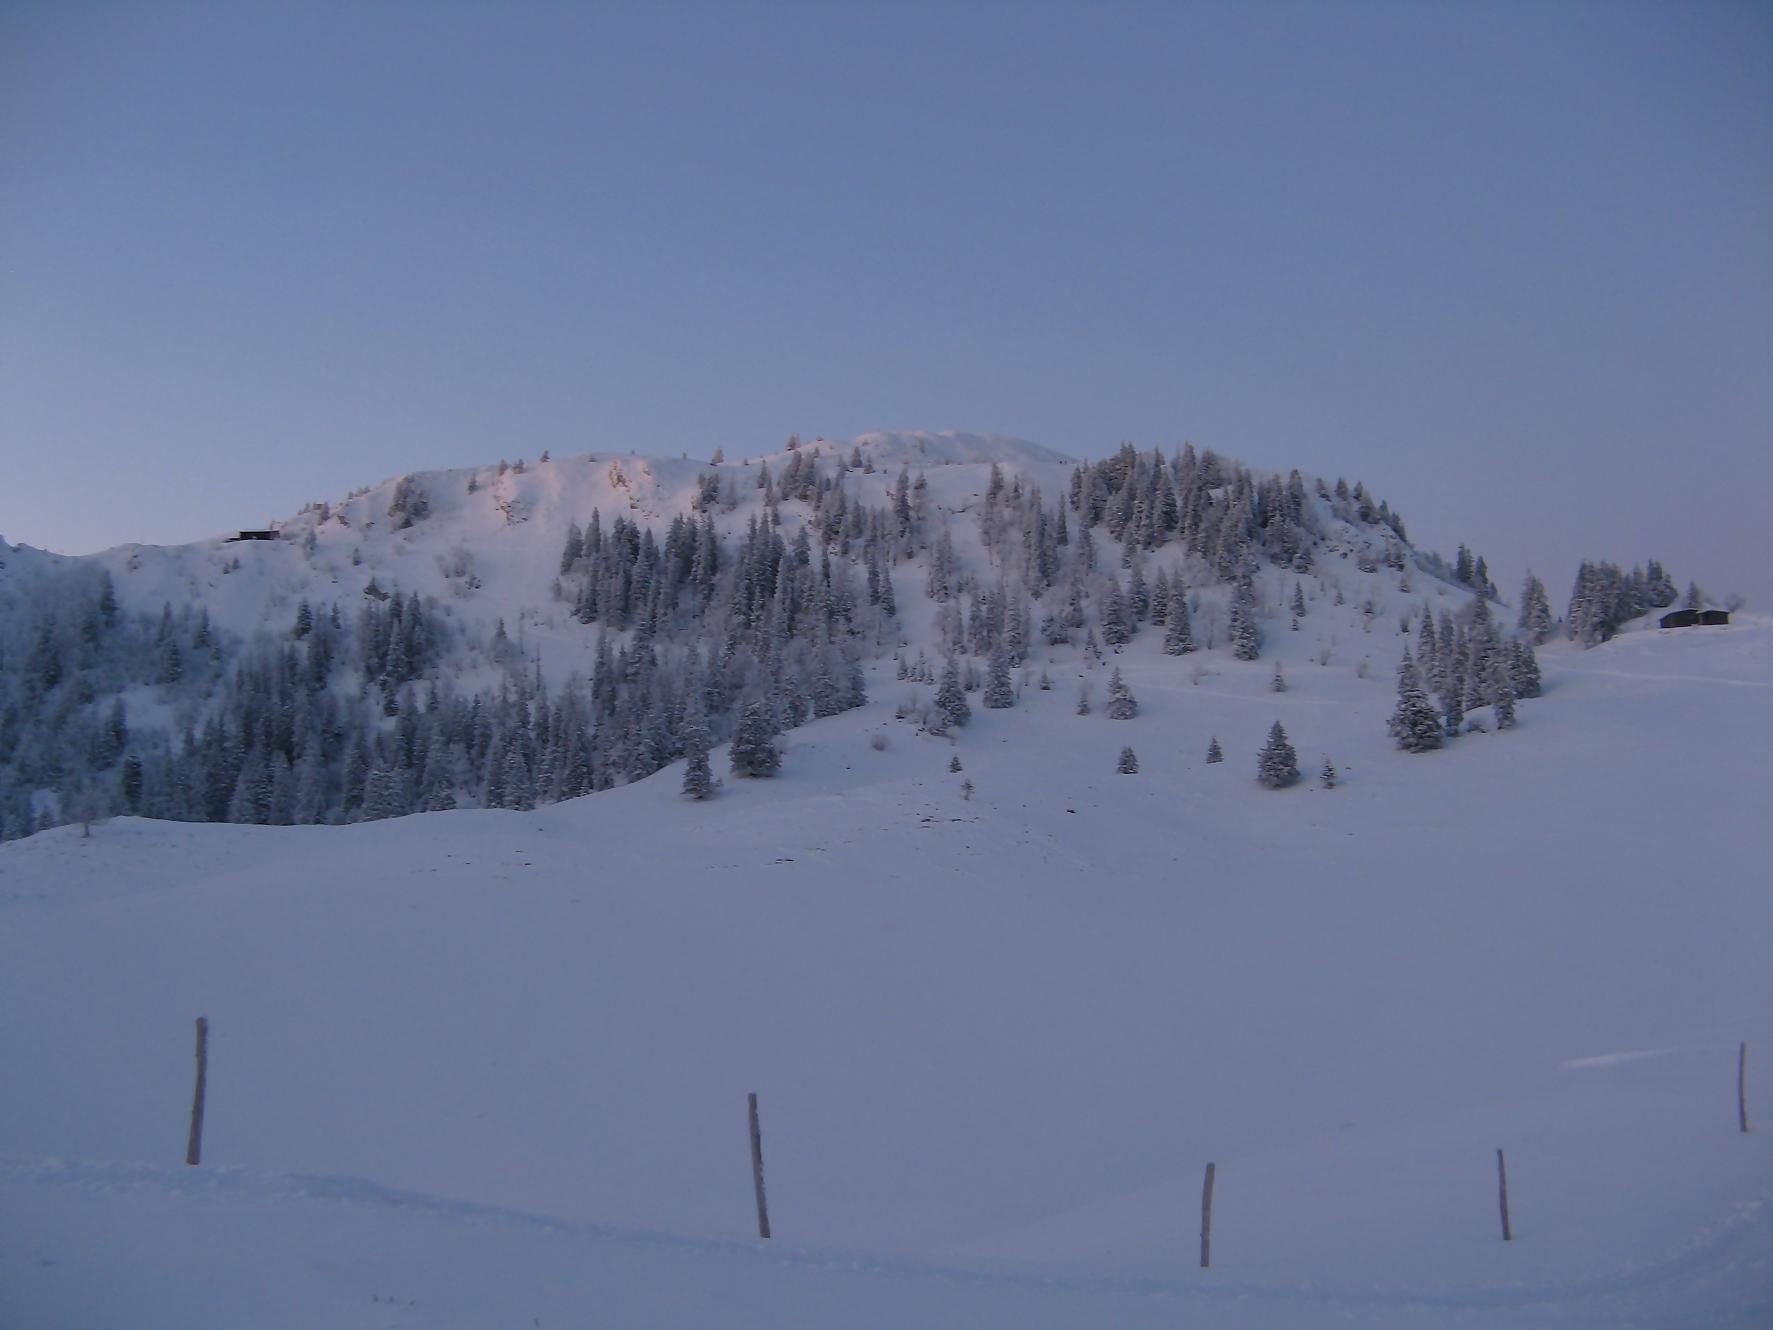 Sur la gauche, la cabane du ski-club de Nyon, la Pointe de Poëlle Chaud et le Chalet des Apprentis